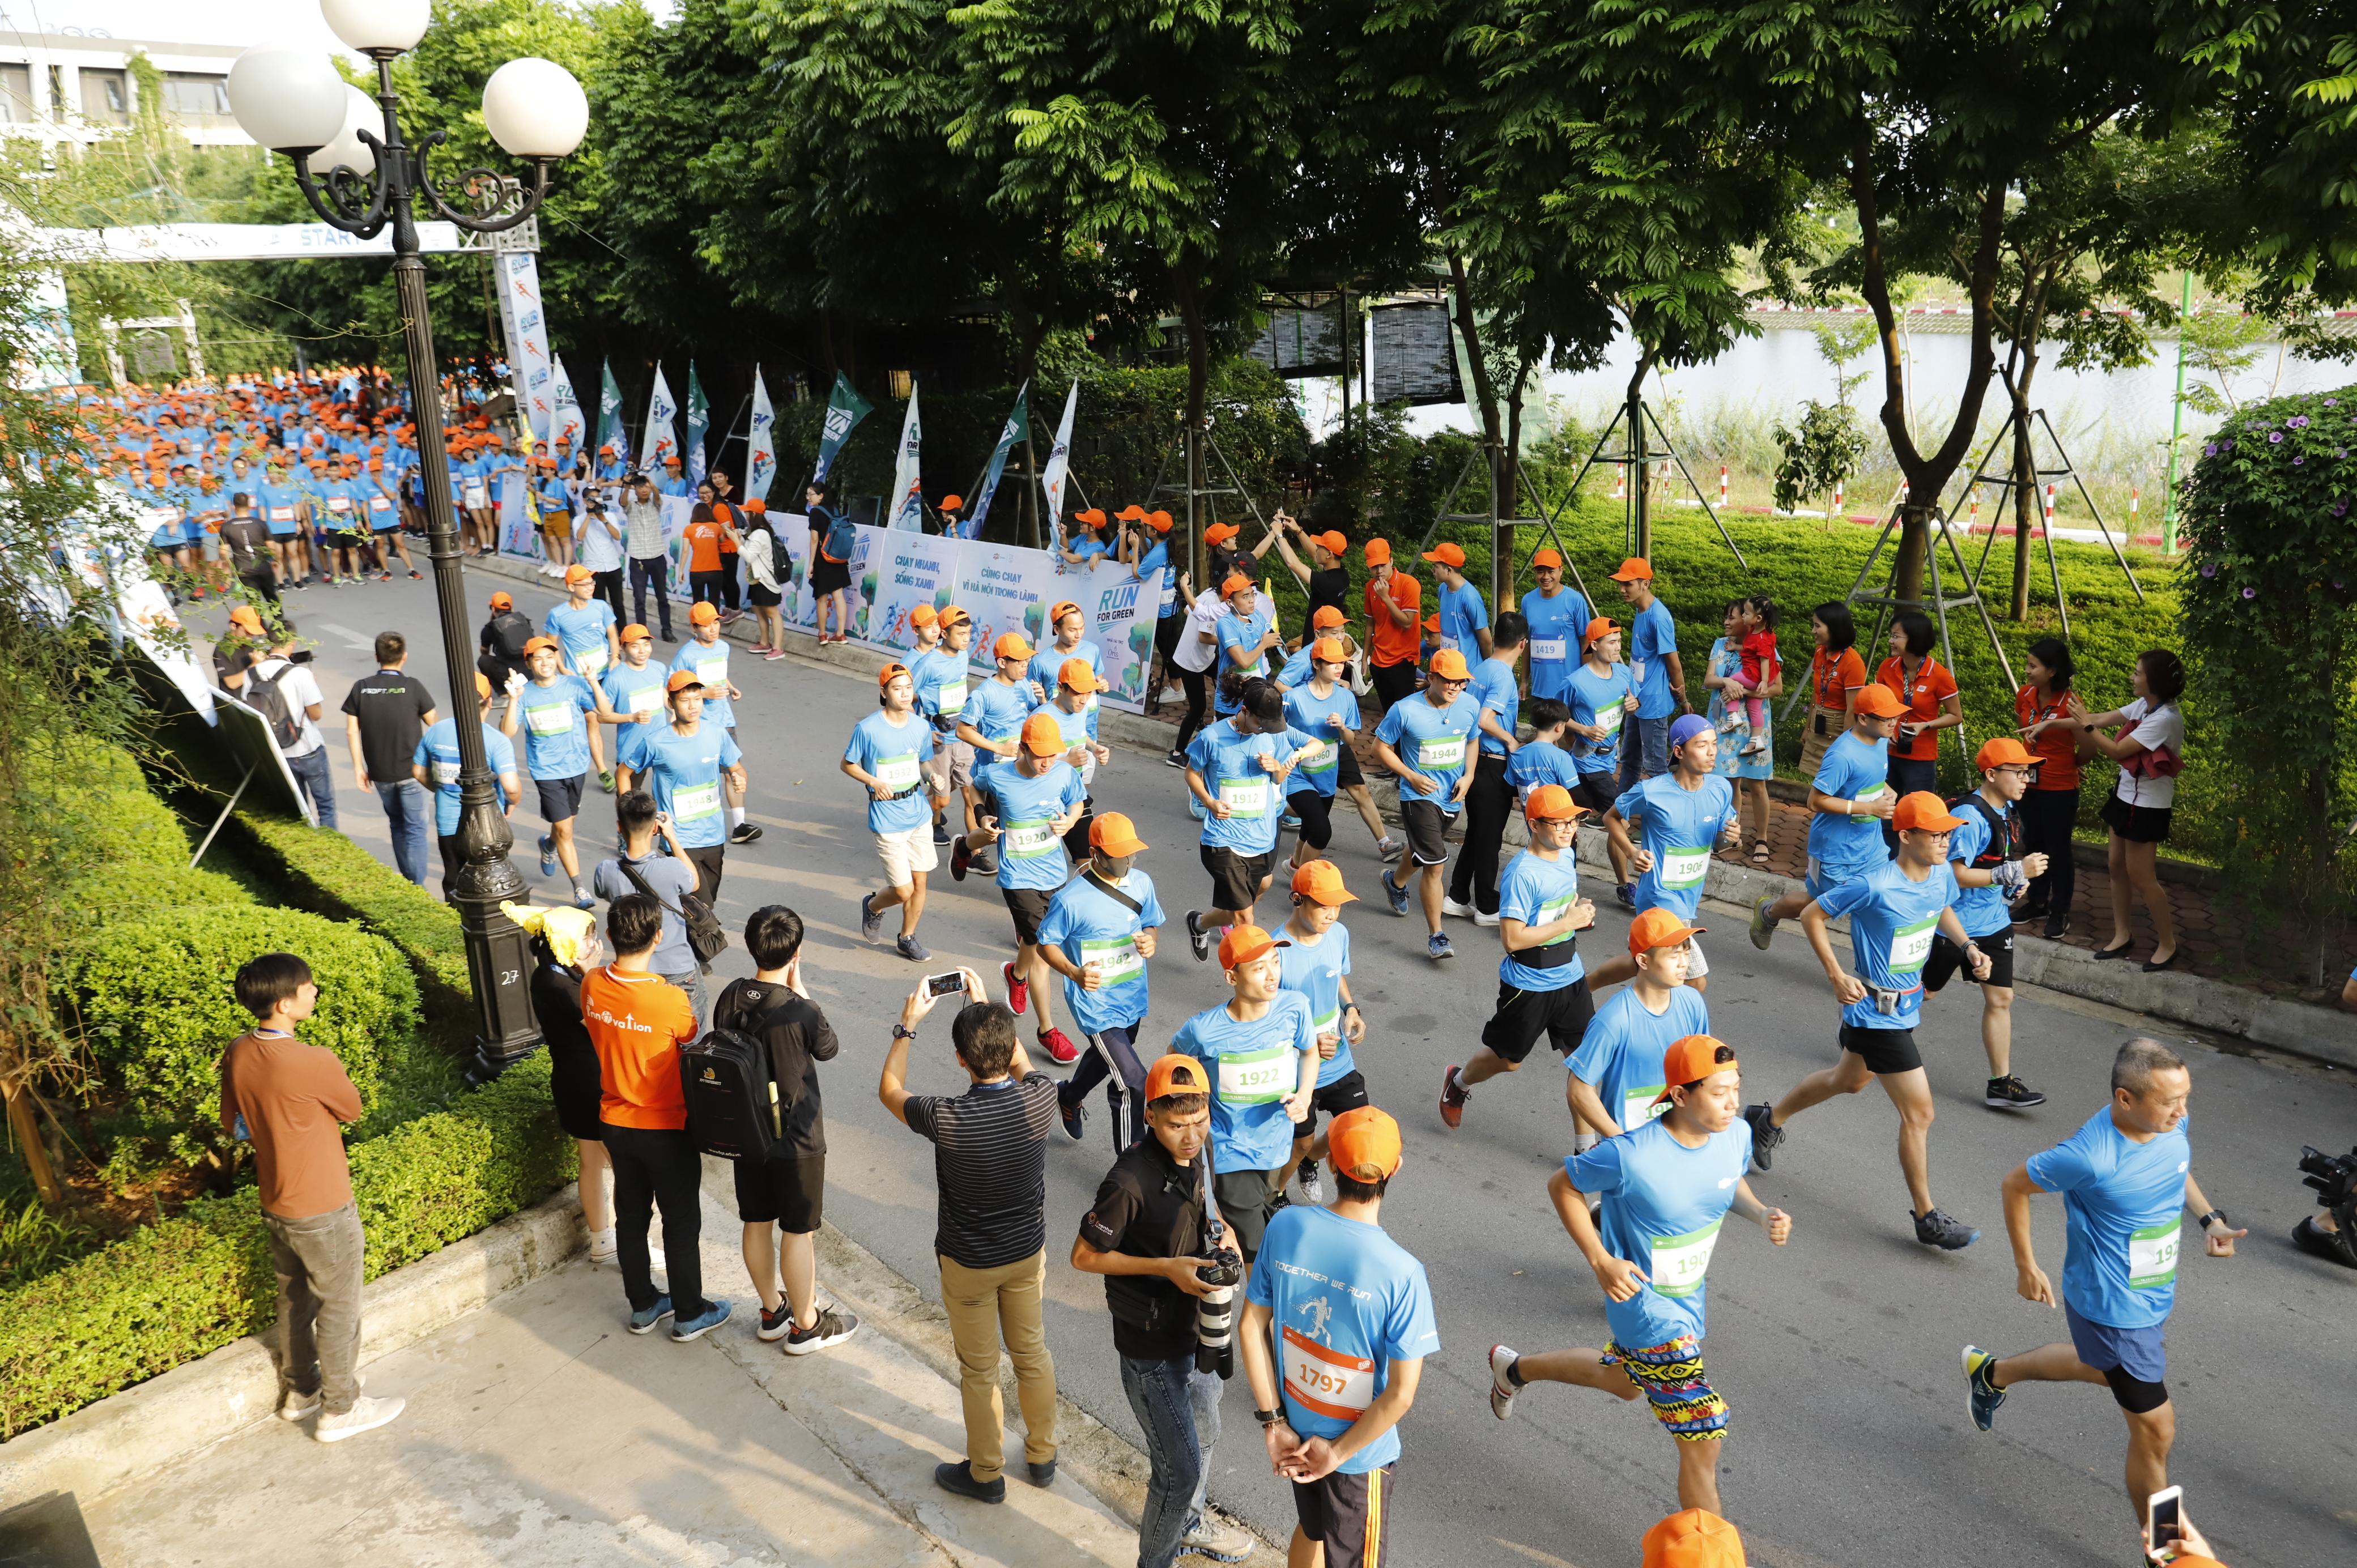 Runners bắt đầu hành trình chinh phục các cự ly trong không khí tưng bừng và náo nhiệt.